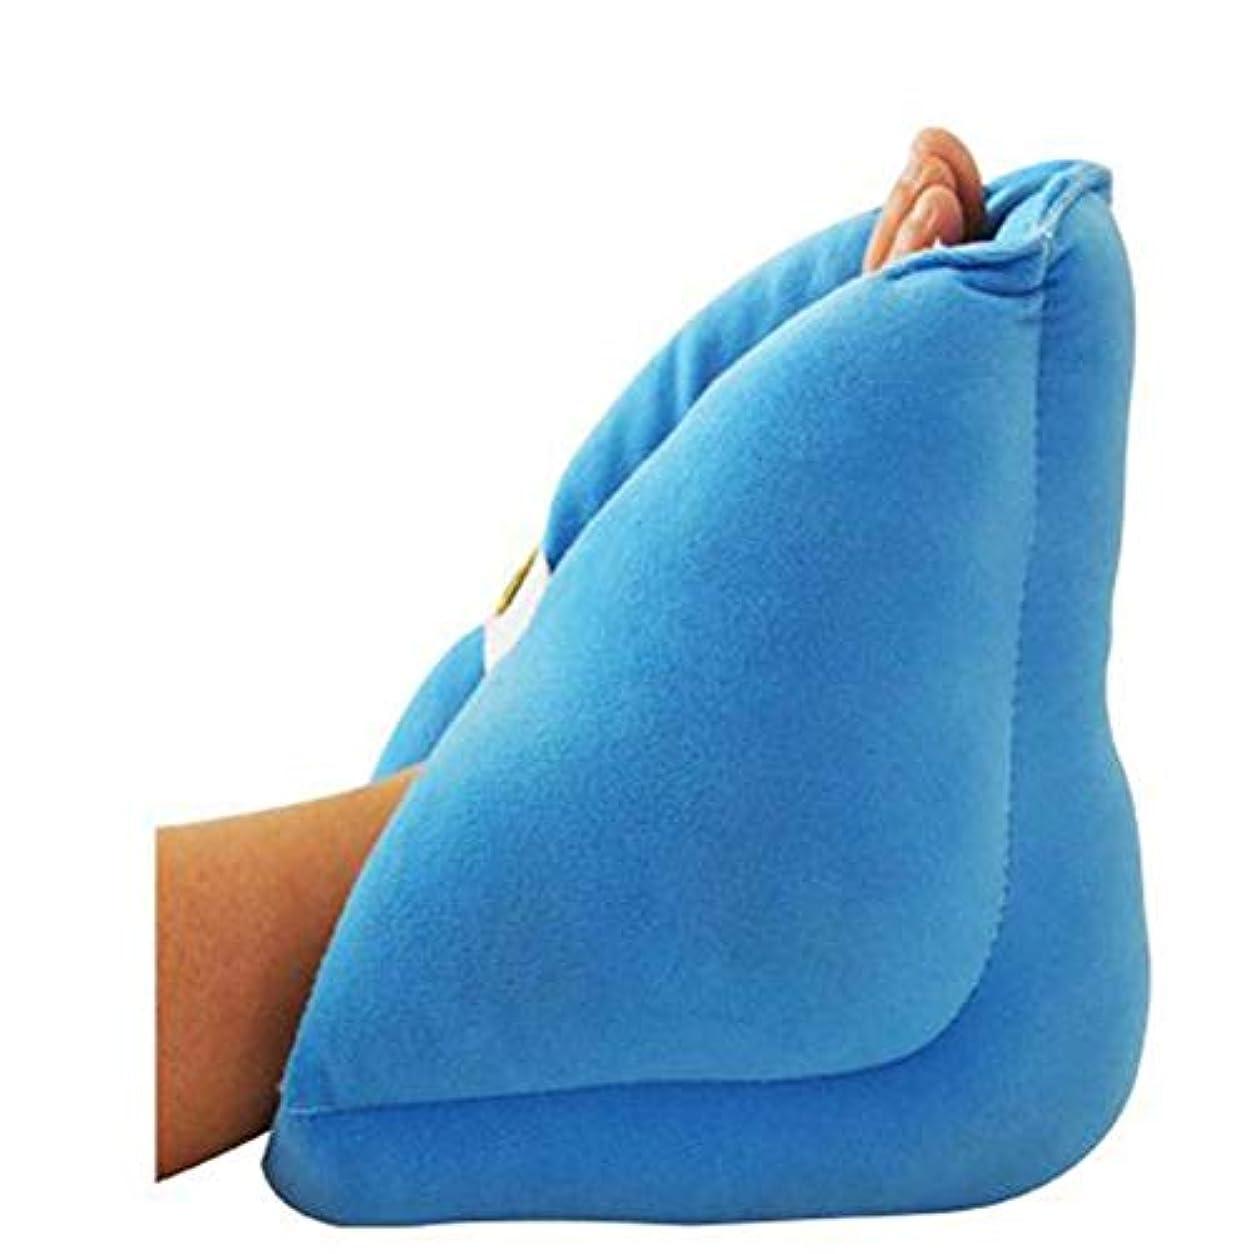 液化するアスレチックひどいかかとプロテクター枕抗褥瘡??踵保護パッド、抗褥瘡踵パッド寝たきり患者ケア肥厚